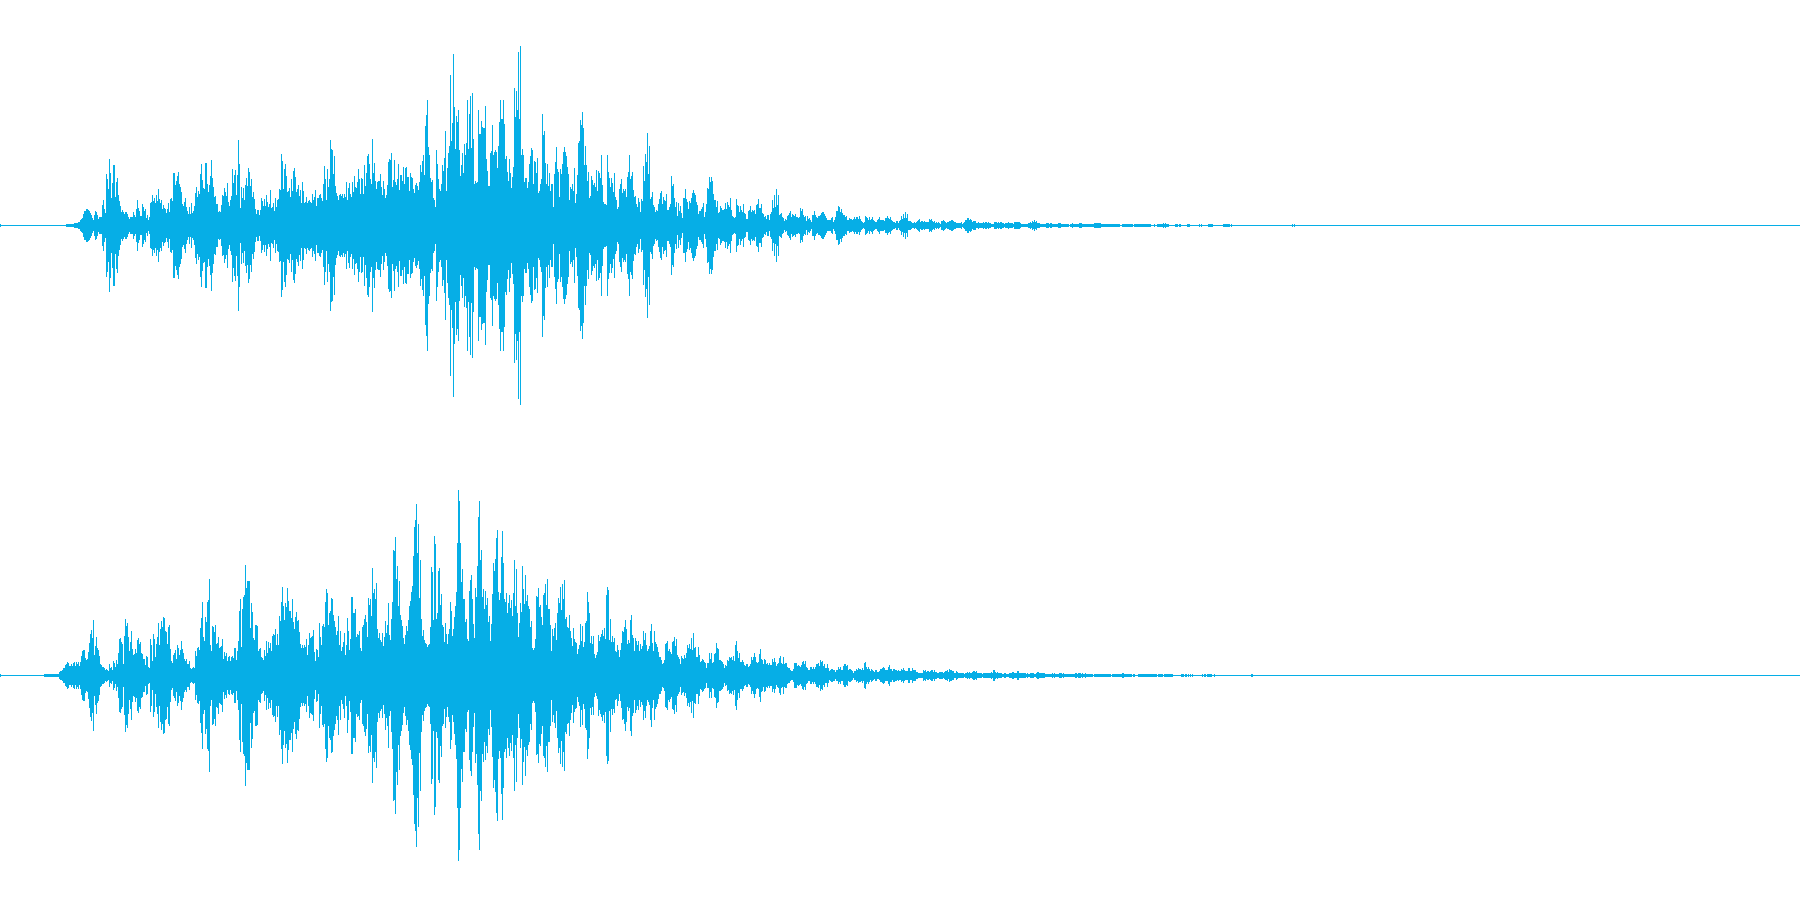 場面転換 スライム4 プヨプヨ 化学の再生済みの波形